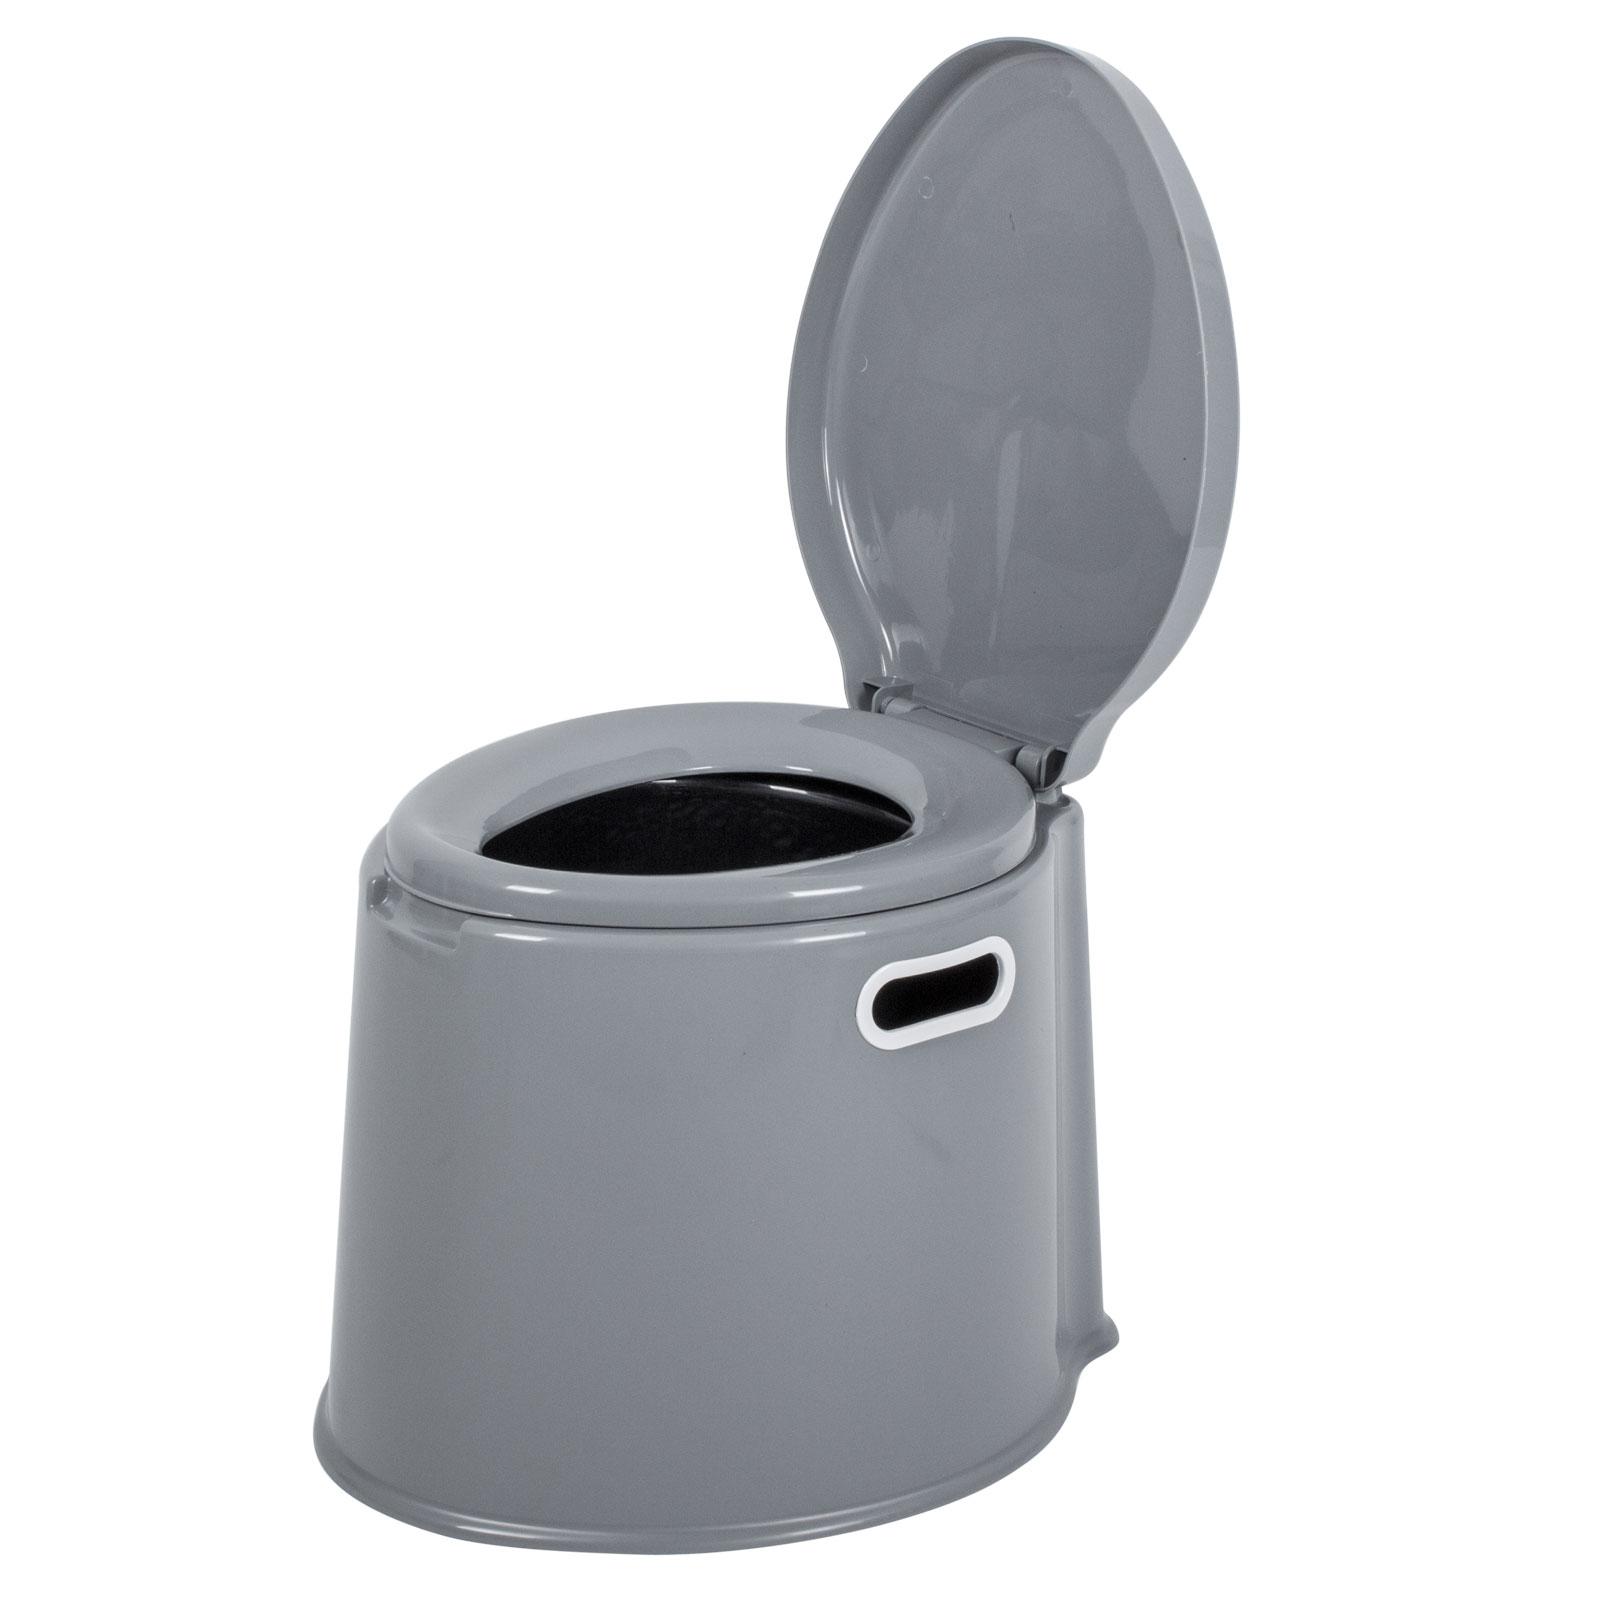 Proplus campingtoilette 7 liter volumen 40 5 x 49 x 33cm grau f r wohnwagen ebay - Camping toilette fur gartenhaus ...